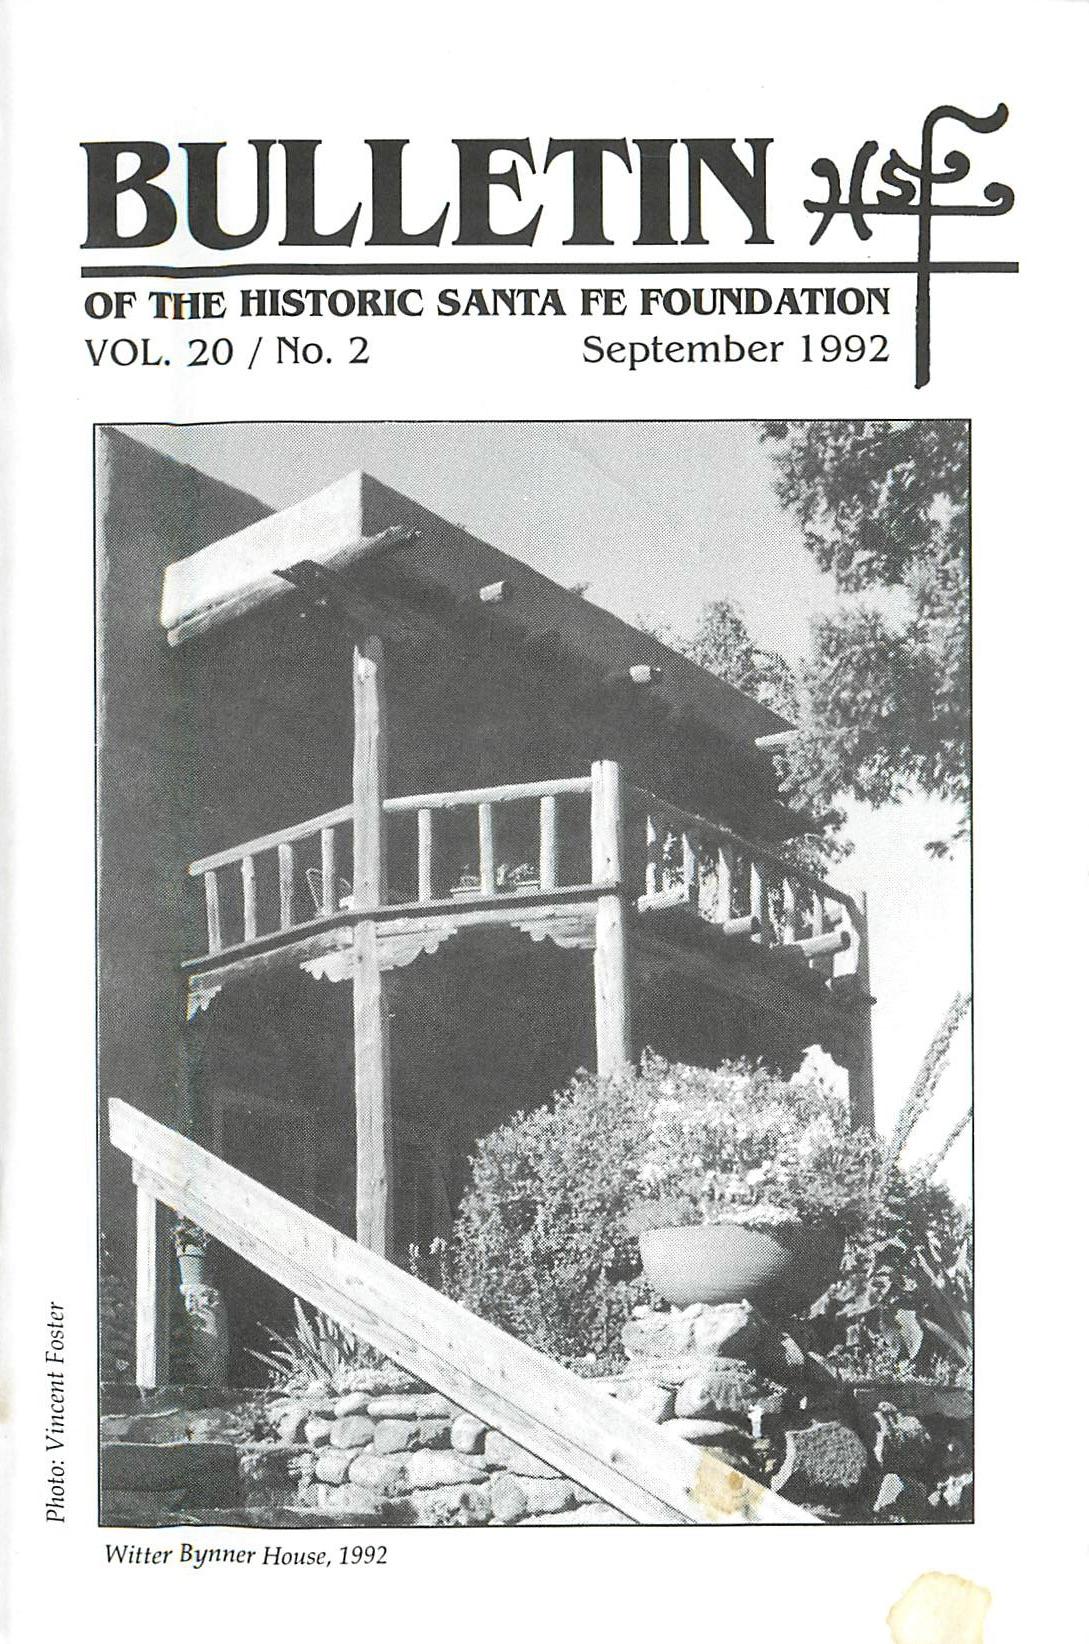 1992 HSFF Bulletin Vol.20 No.2 Cover